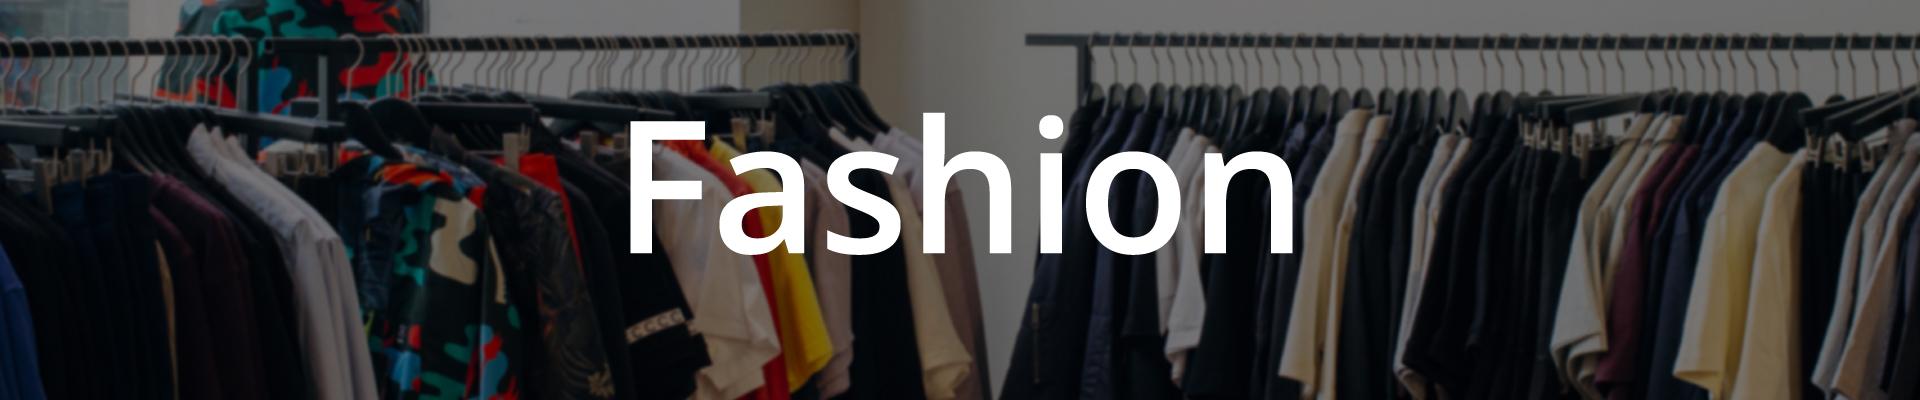 Fashion Series 1